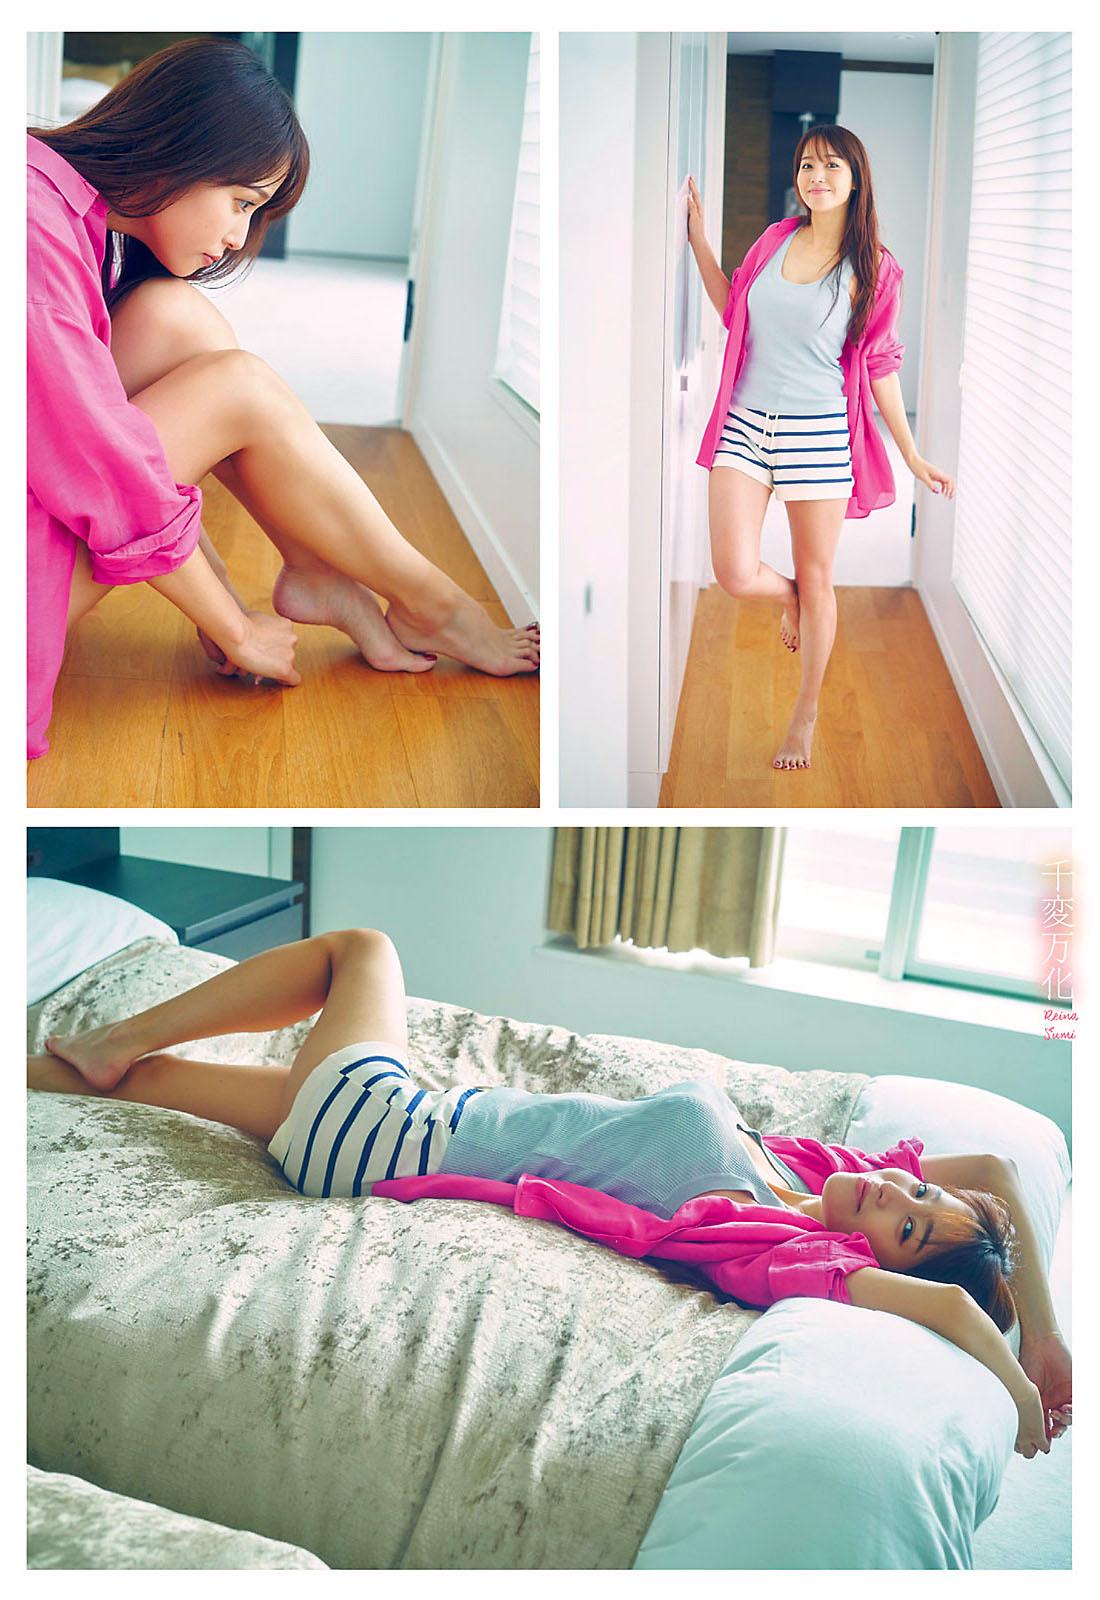 Reina Sumi Young Magazine 210705 05.jpg